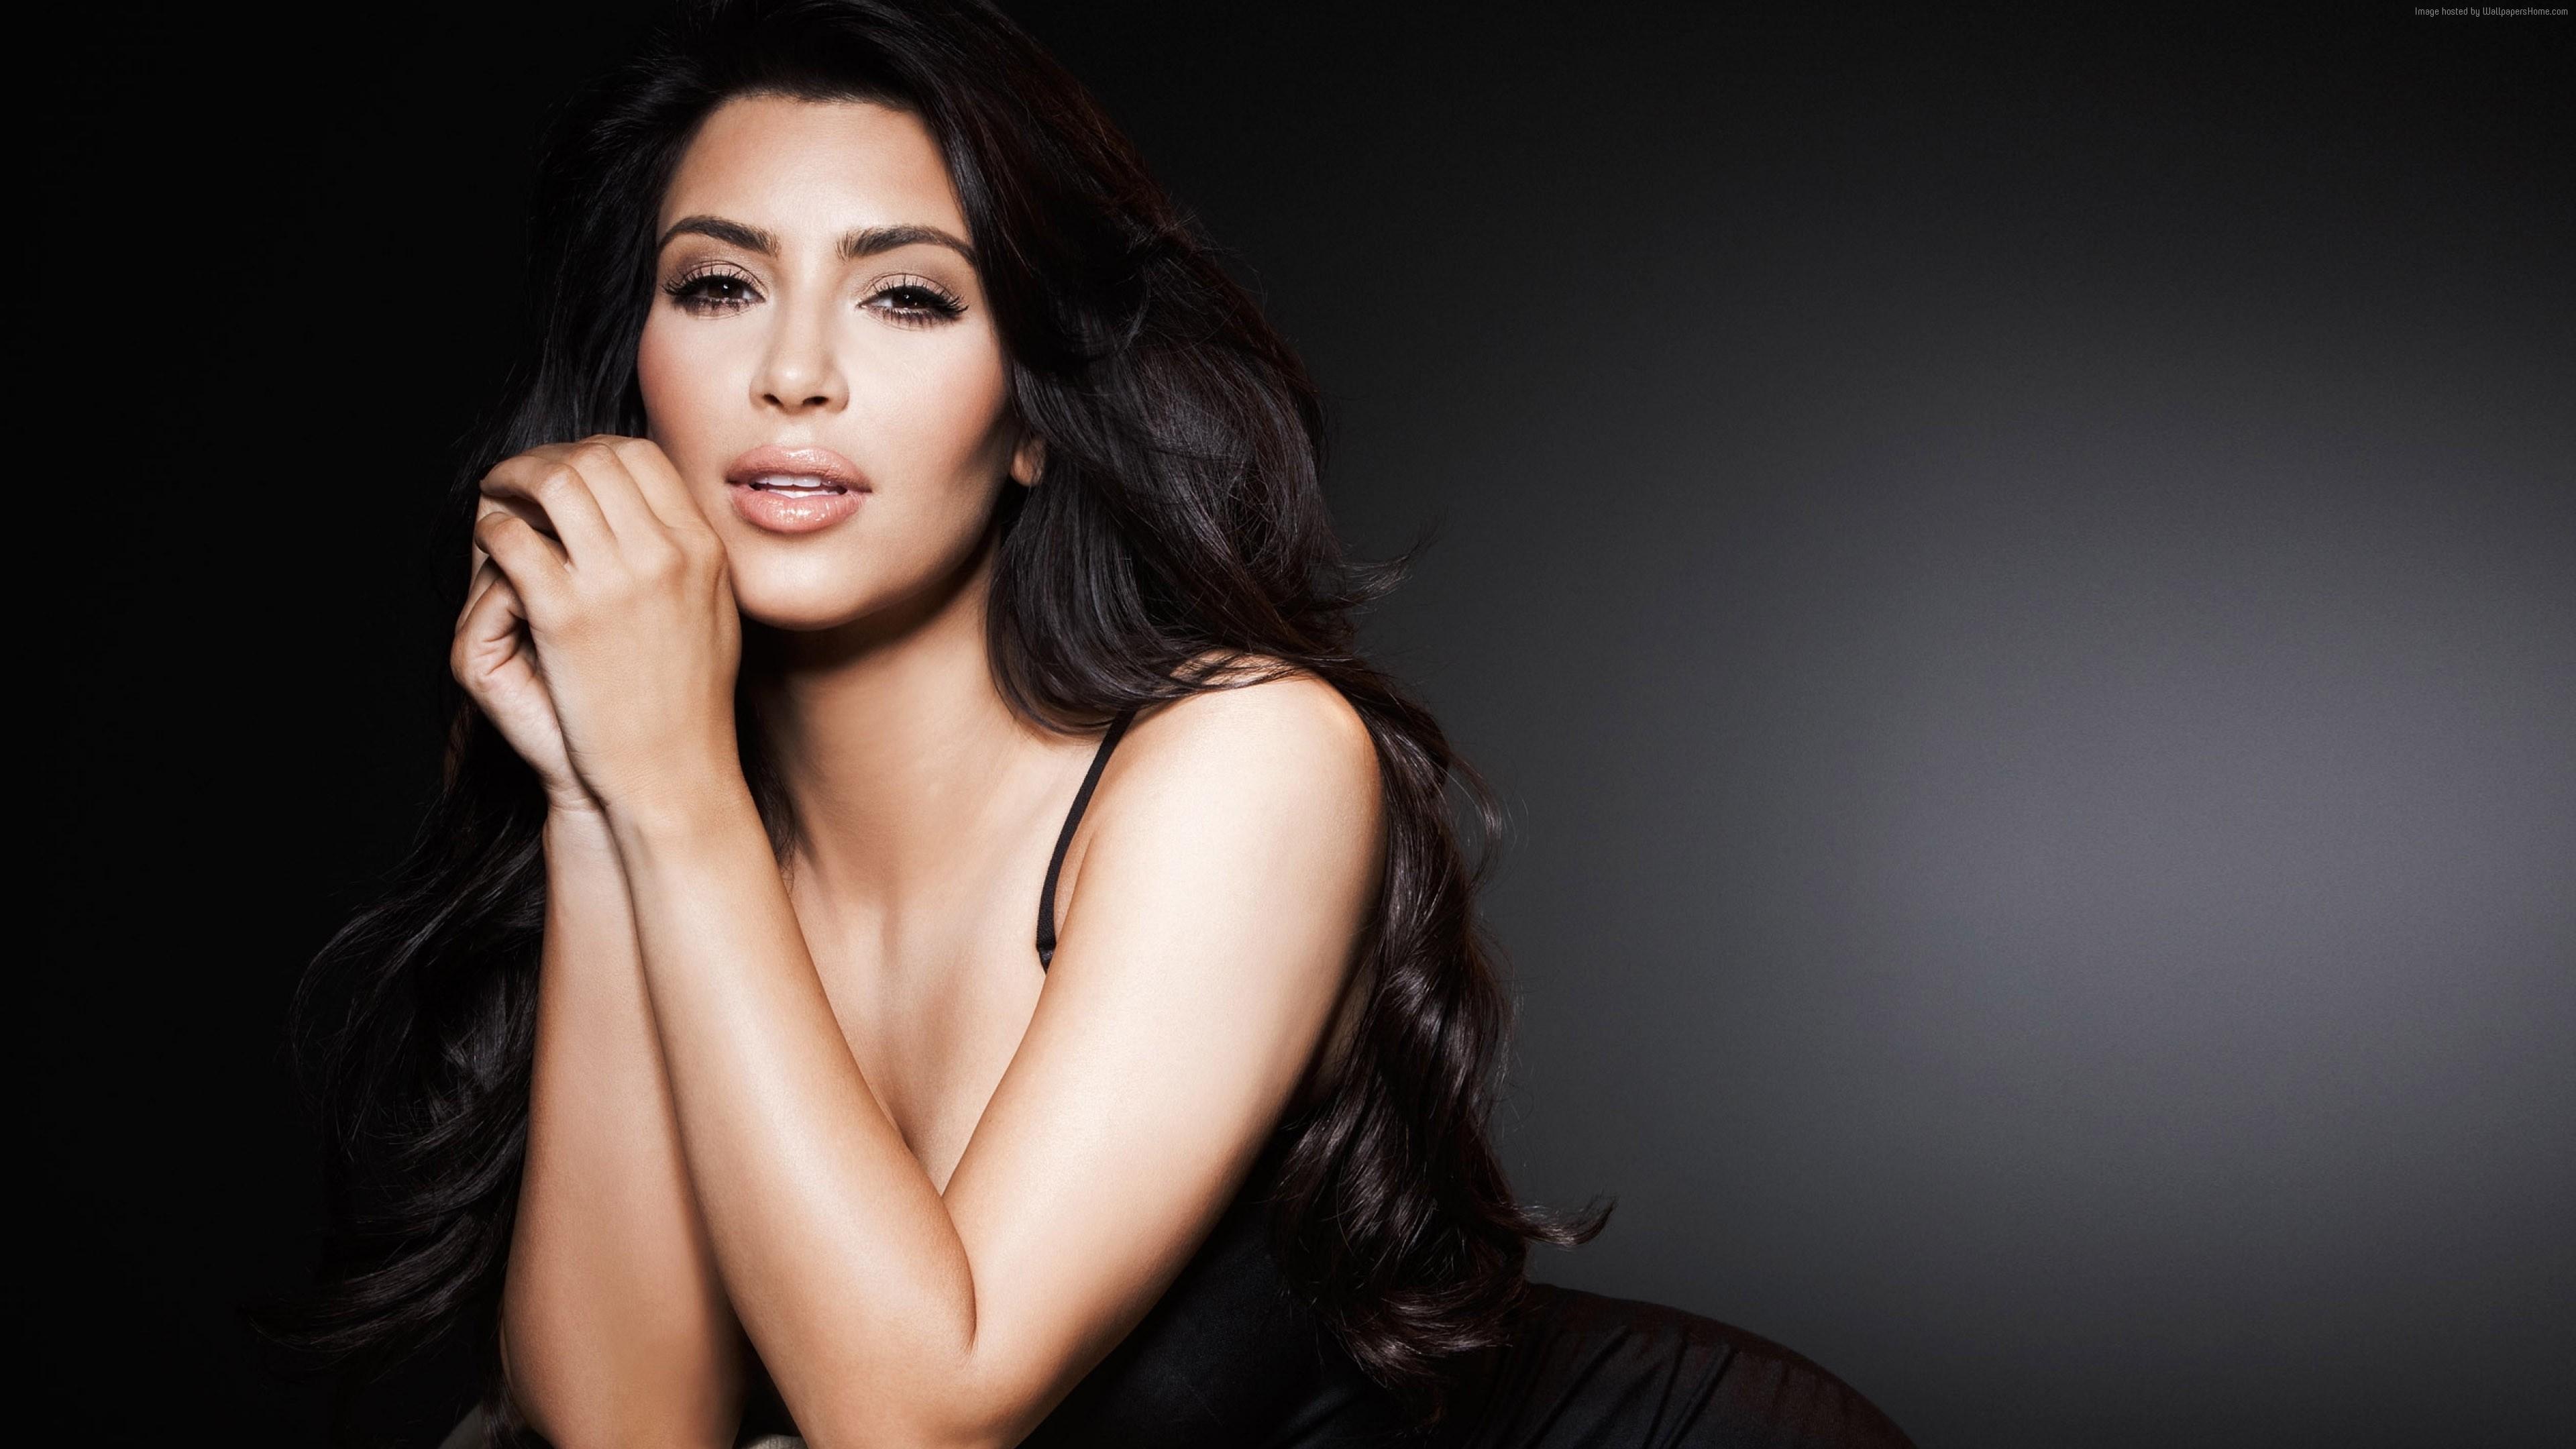 Images Of Kim Kardashian